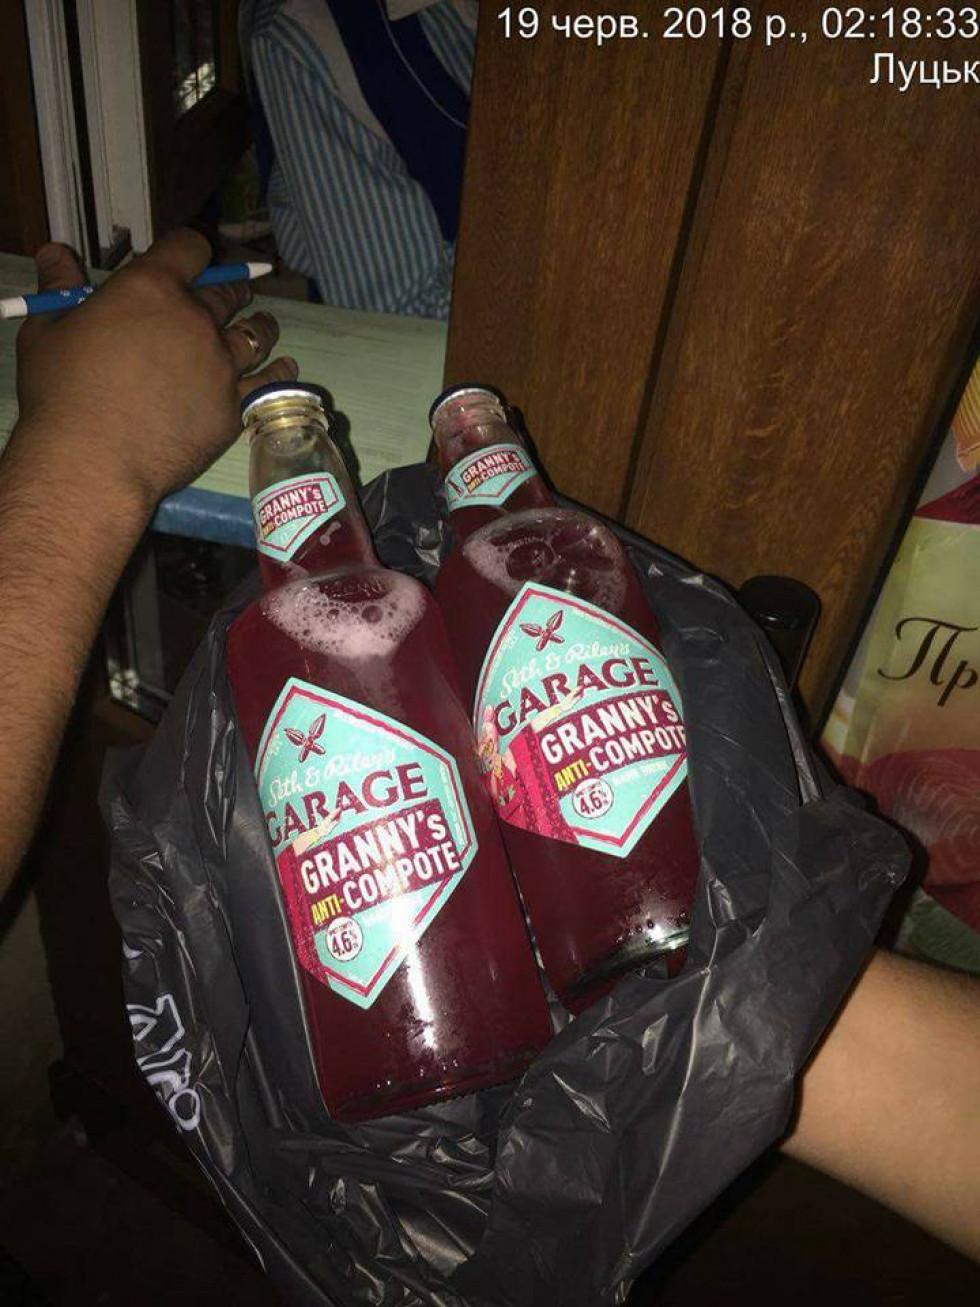 Продавчиня продала дві пляшки алкоголю вночі